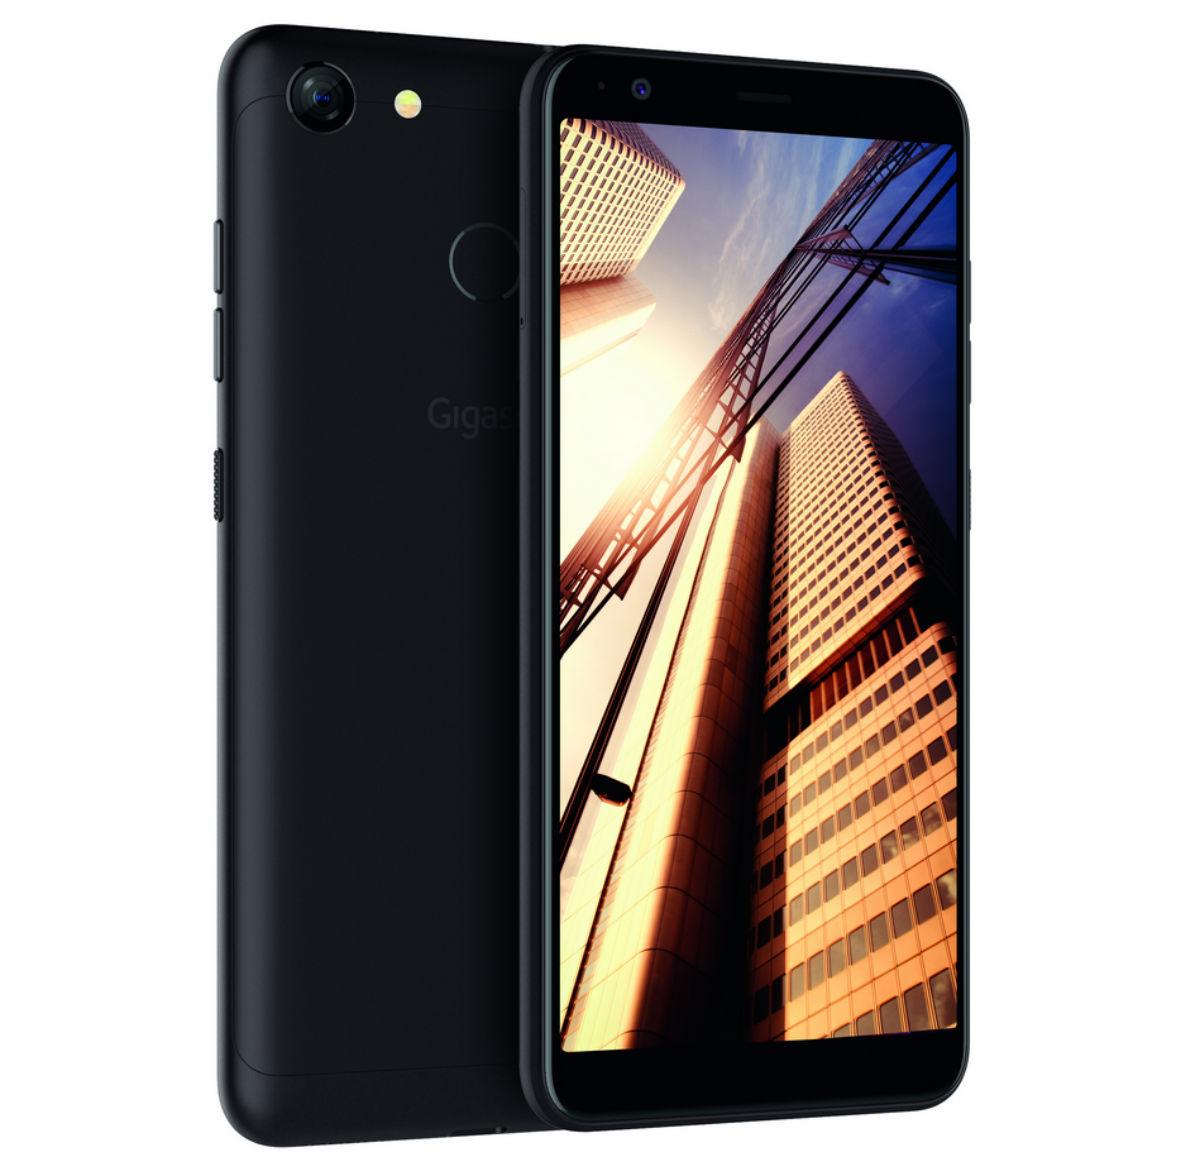 Gigaset GS280, móvil de gama media con versión pura de Android 8.1 1